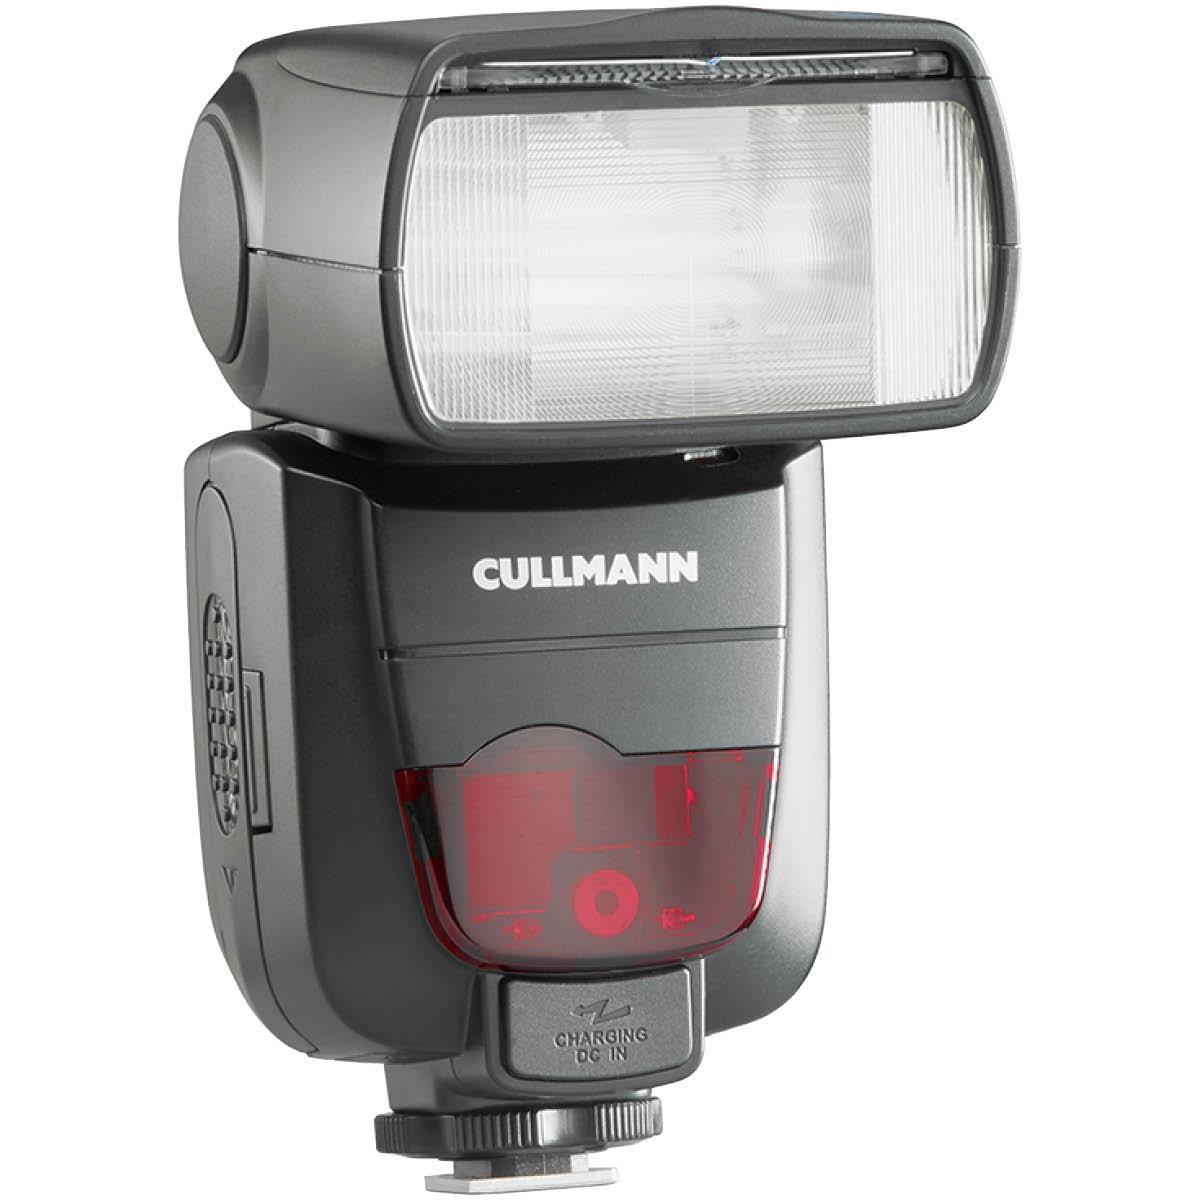 Cullmann Culight FR60 Fujifilm